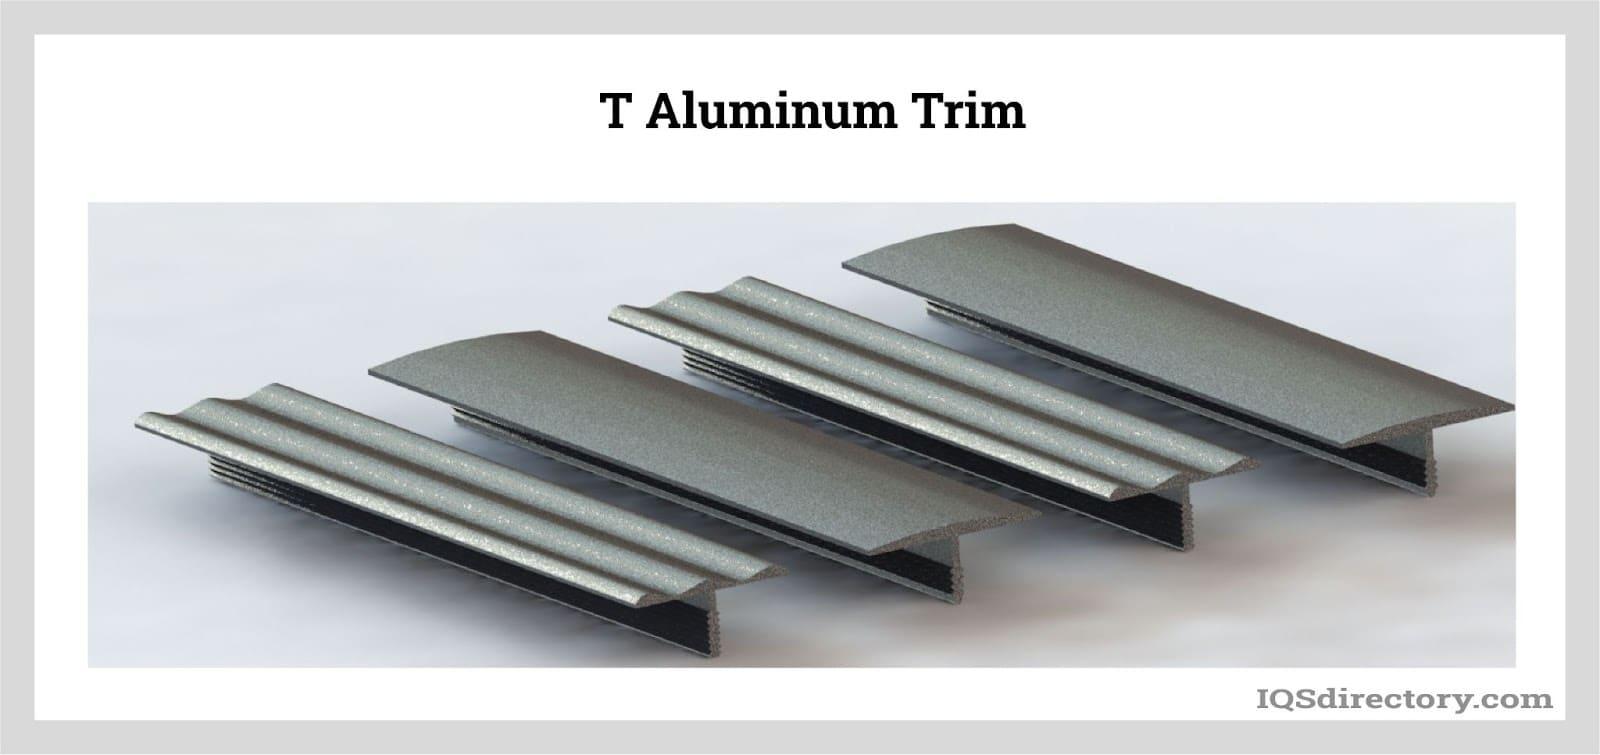 T Aluminum Trim